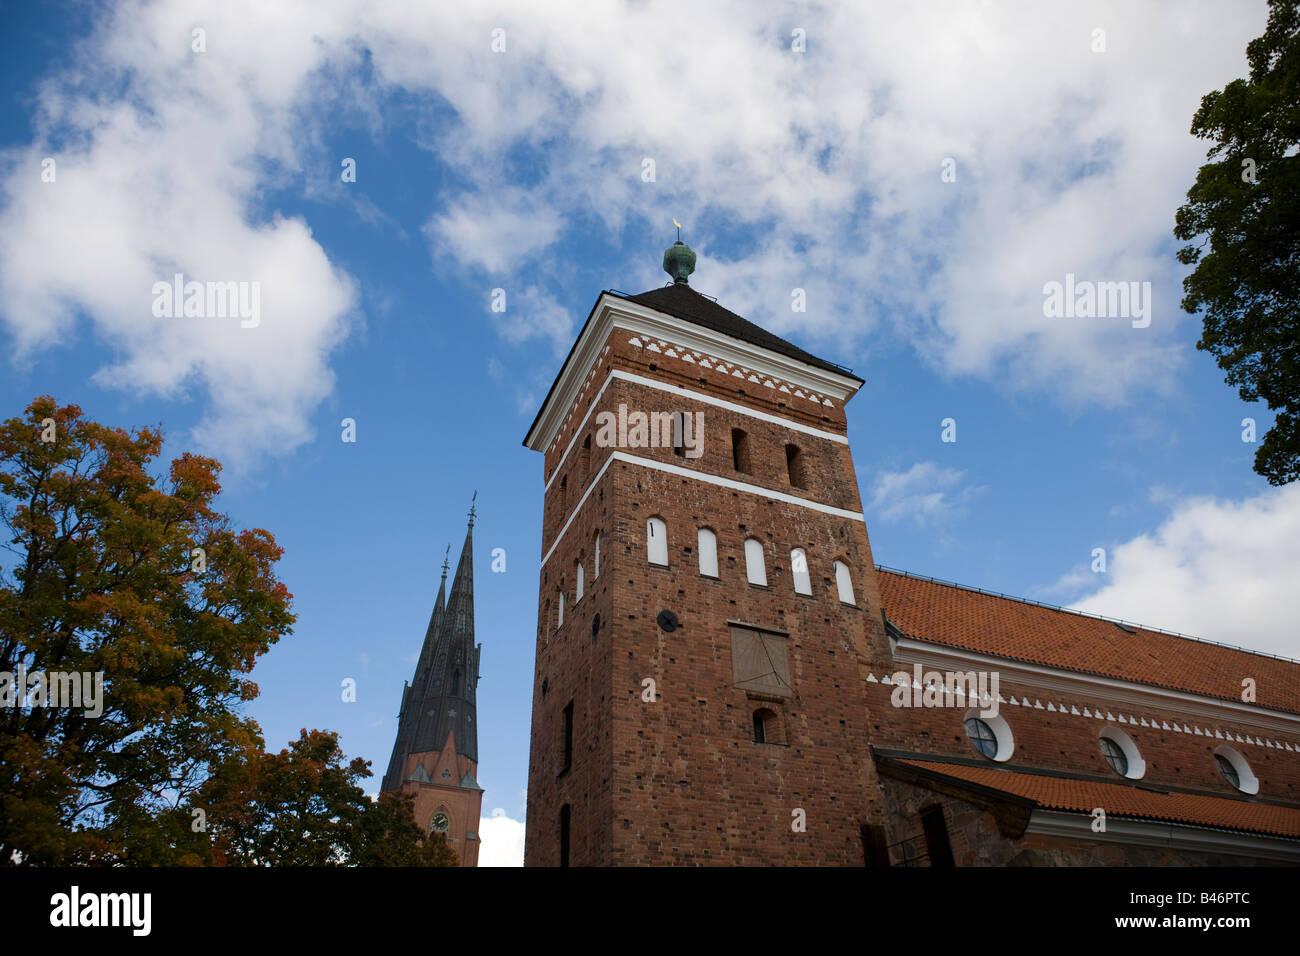 Uppsala domkyrka - Svenska kyrkan Uppsala